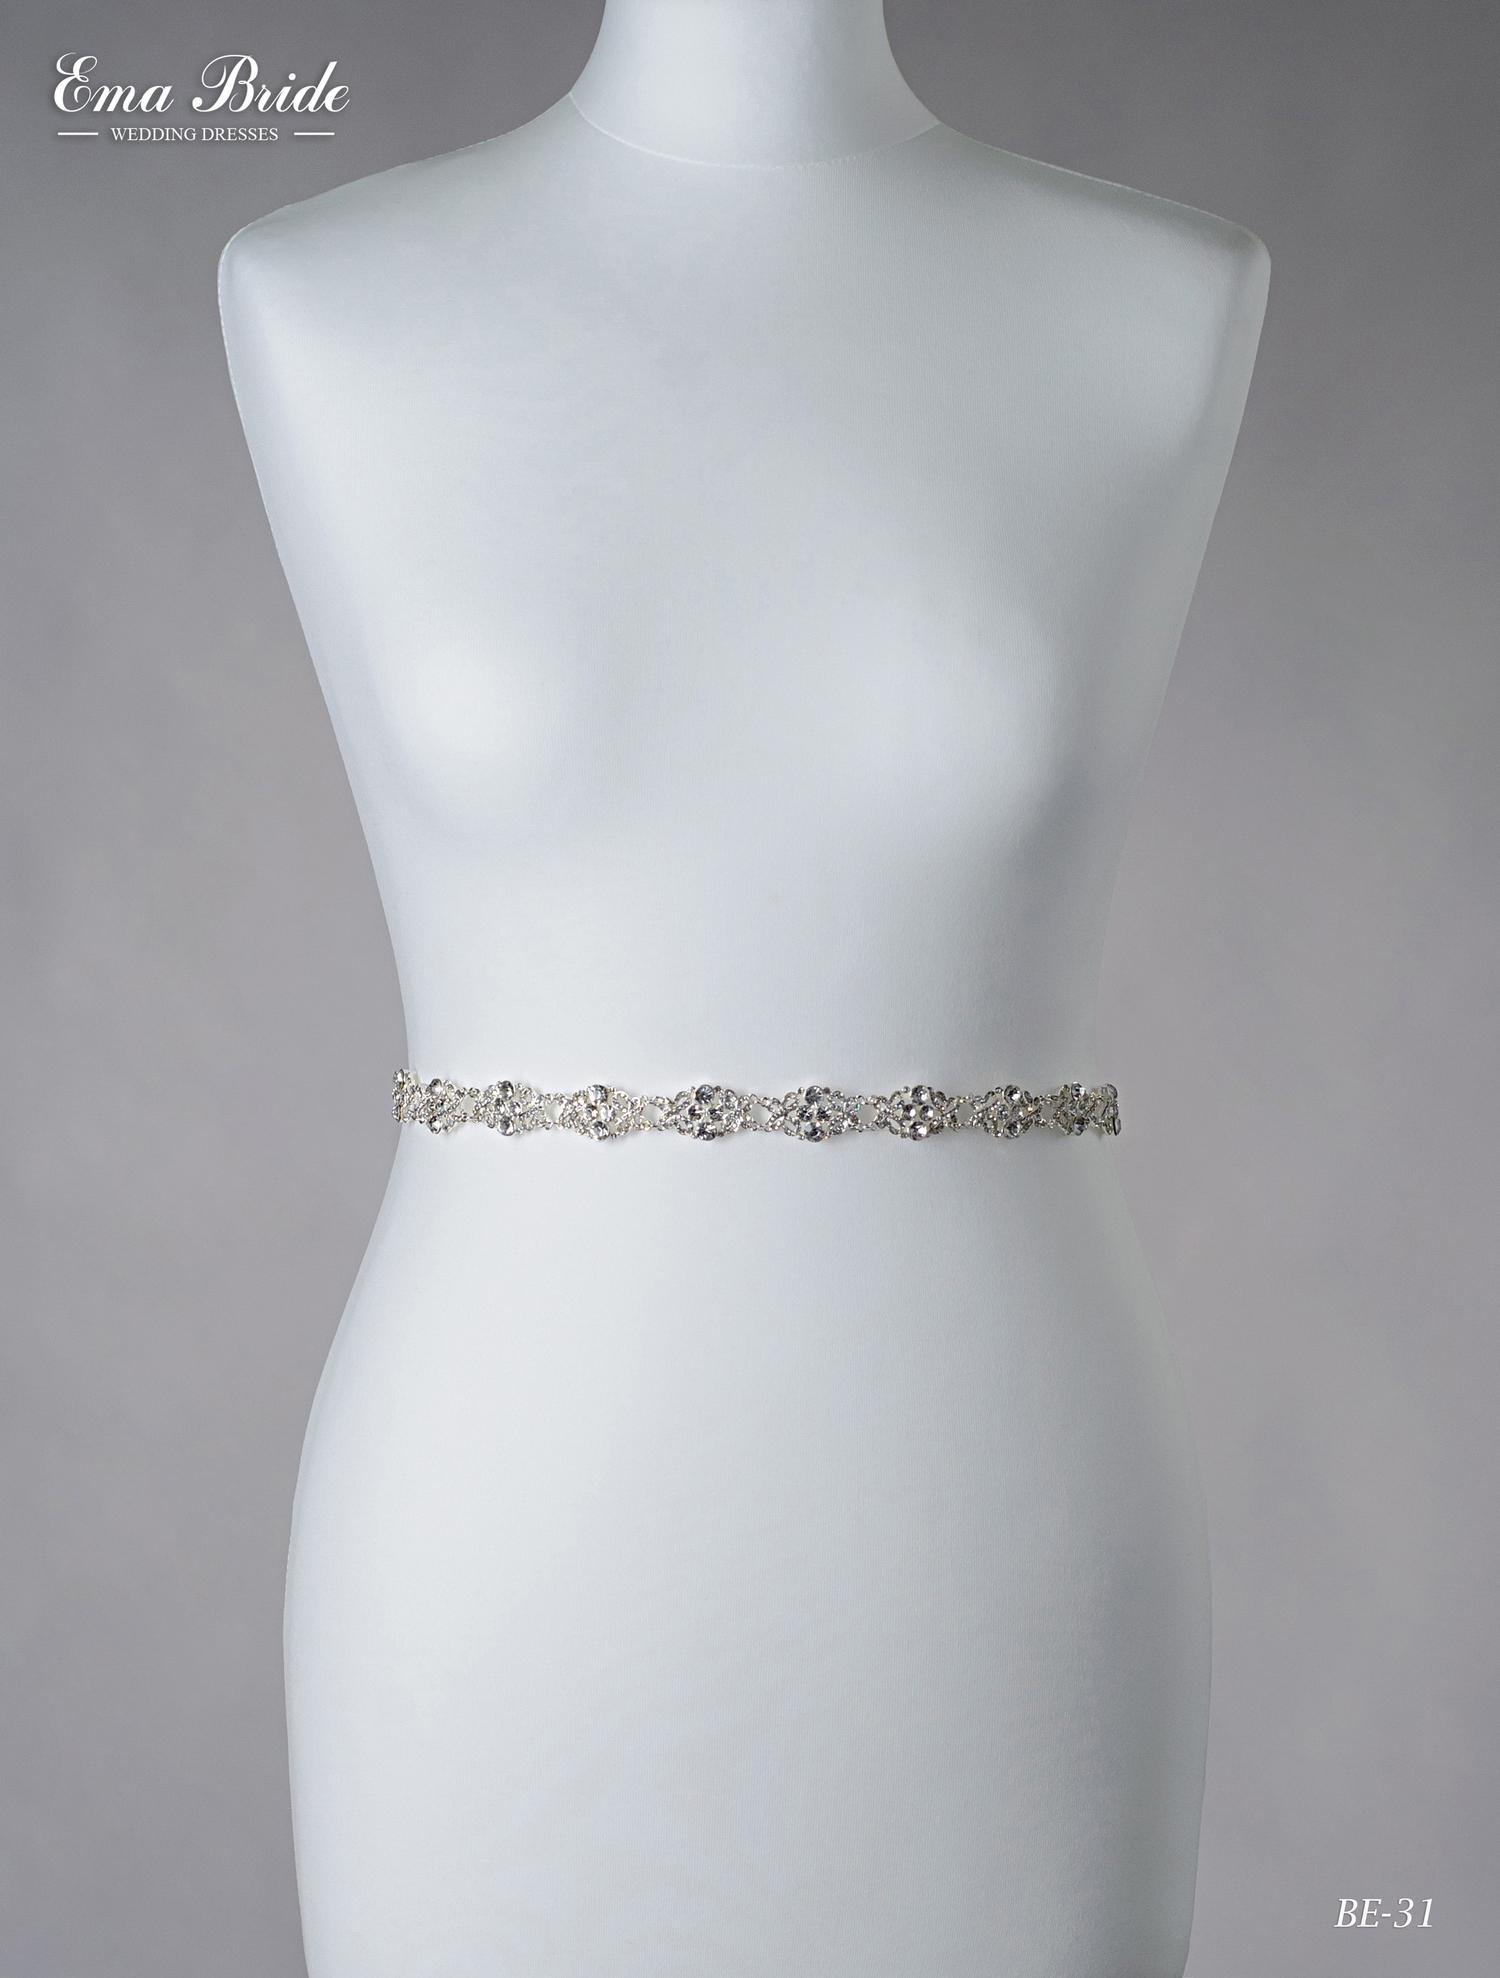 A belt for a wedding dress Be-31